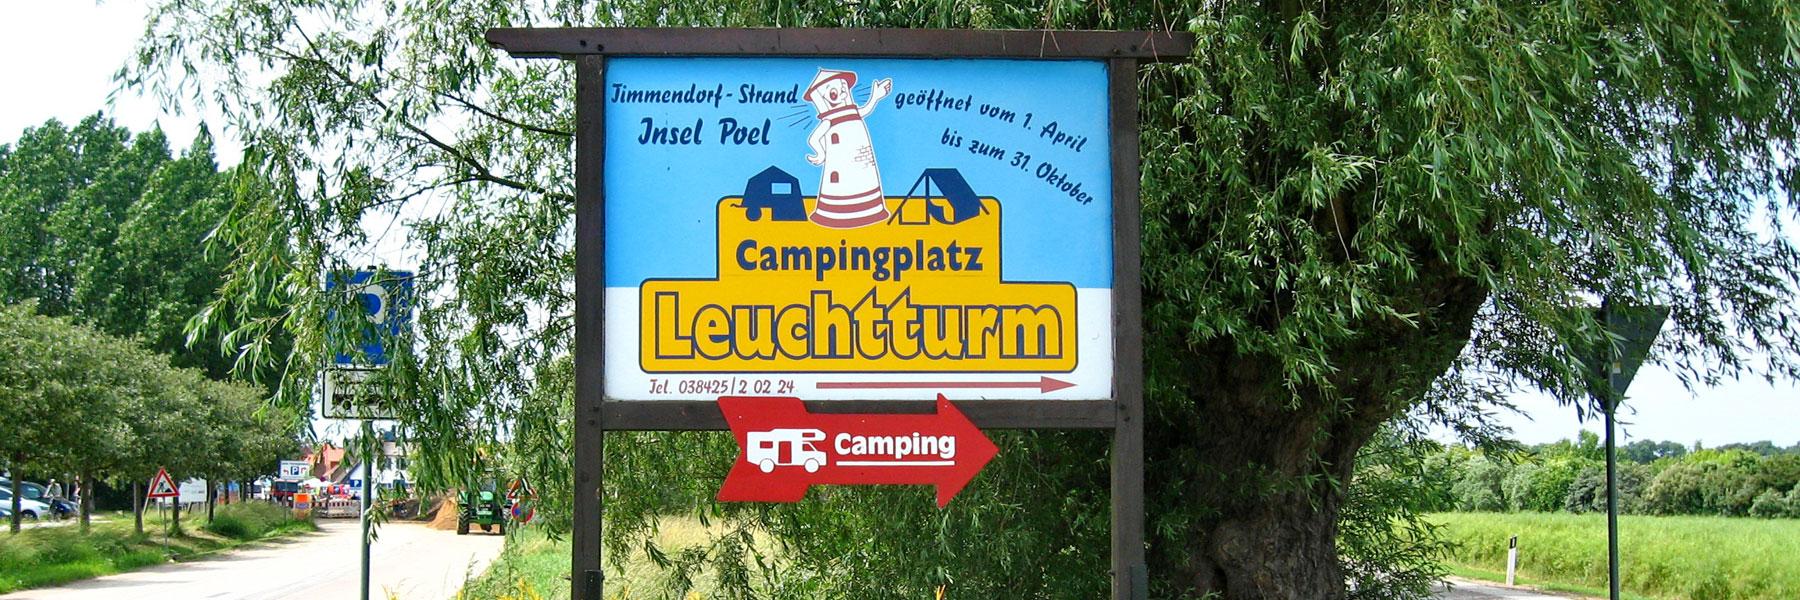 Hinweisschild - Campingplatz Leuchtturm